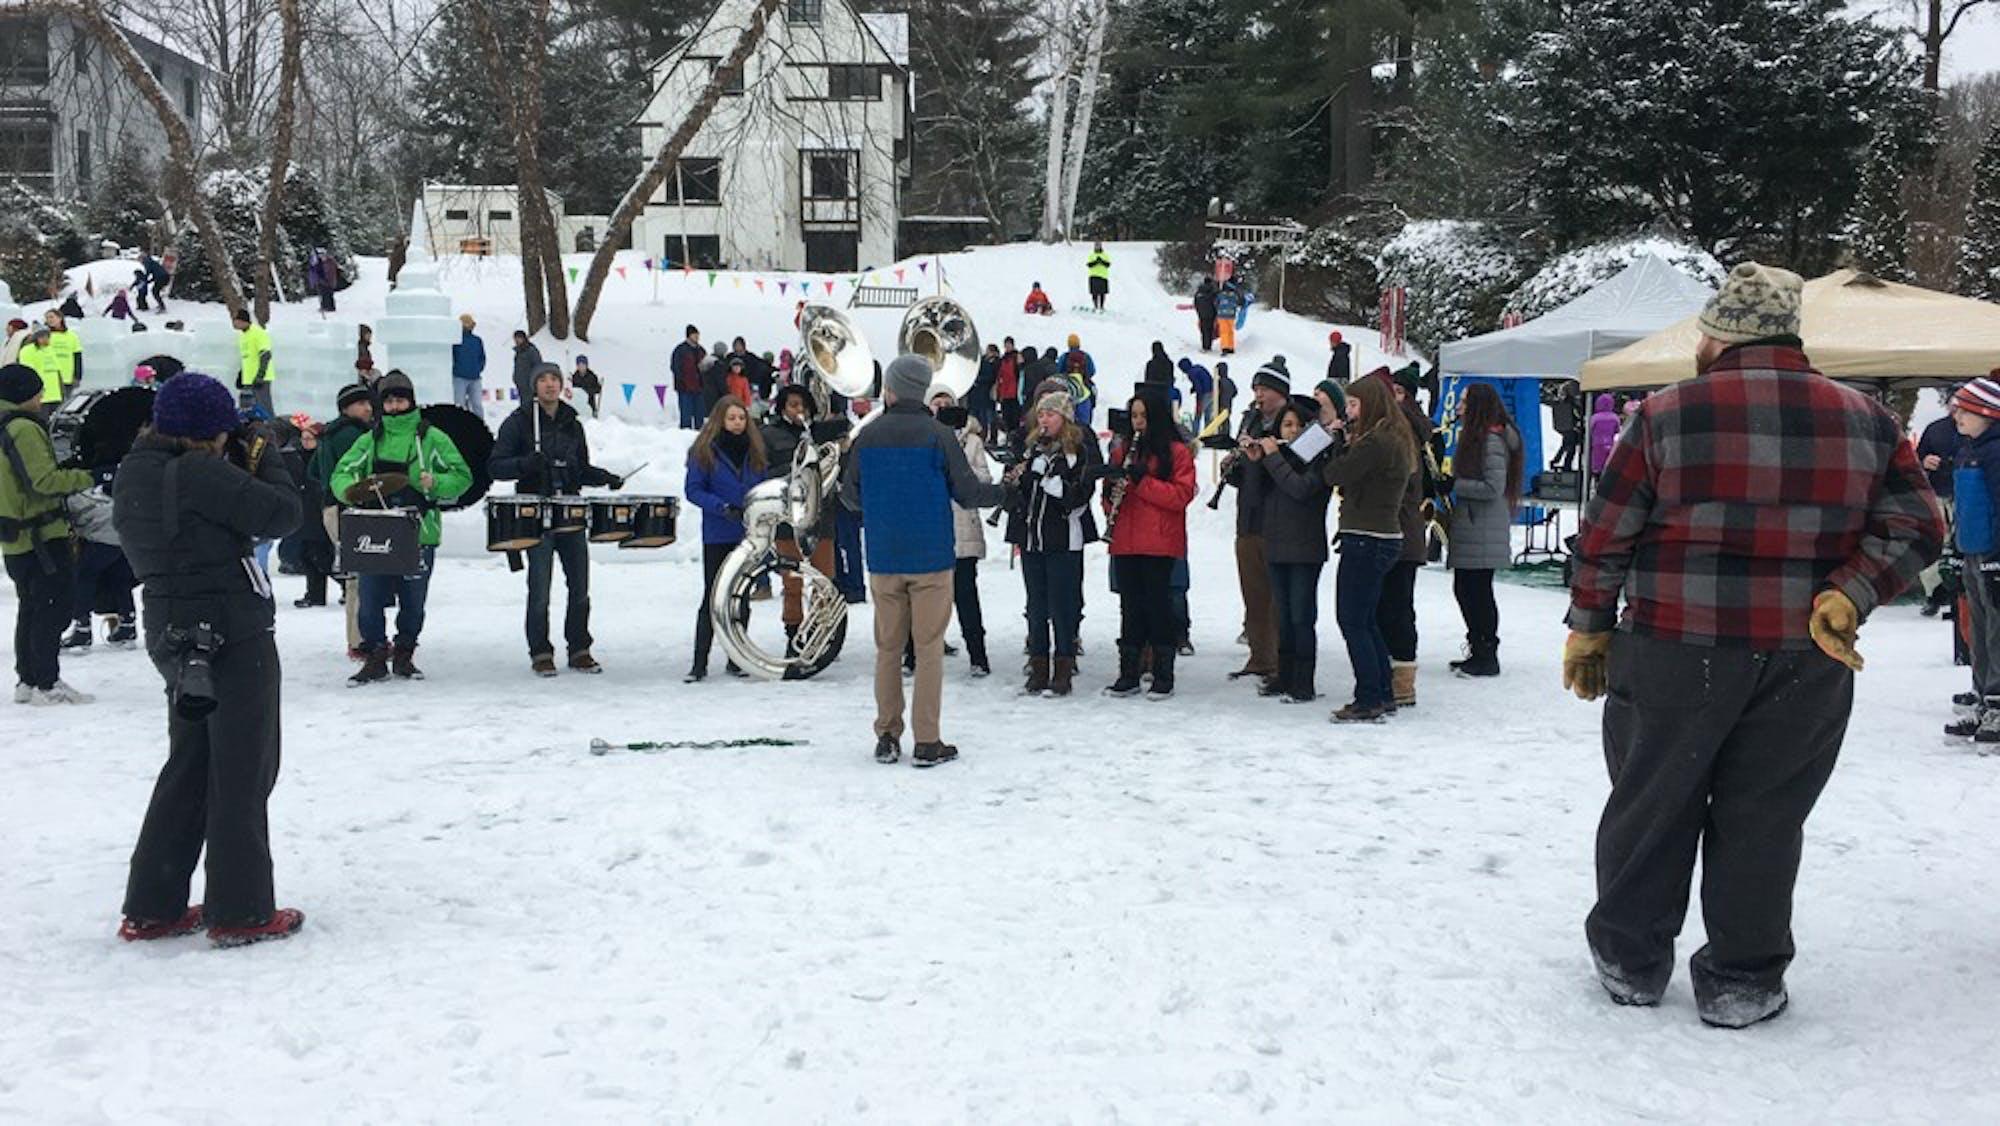 news_winter_carnival_by_paula_kutschera